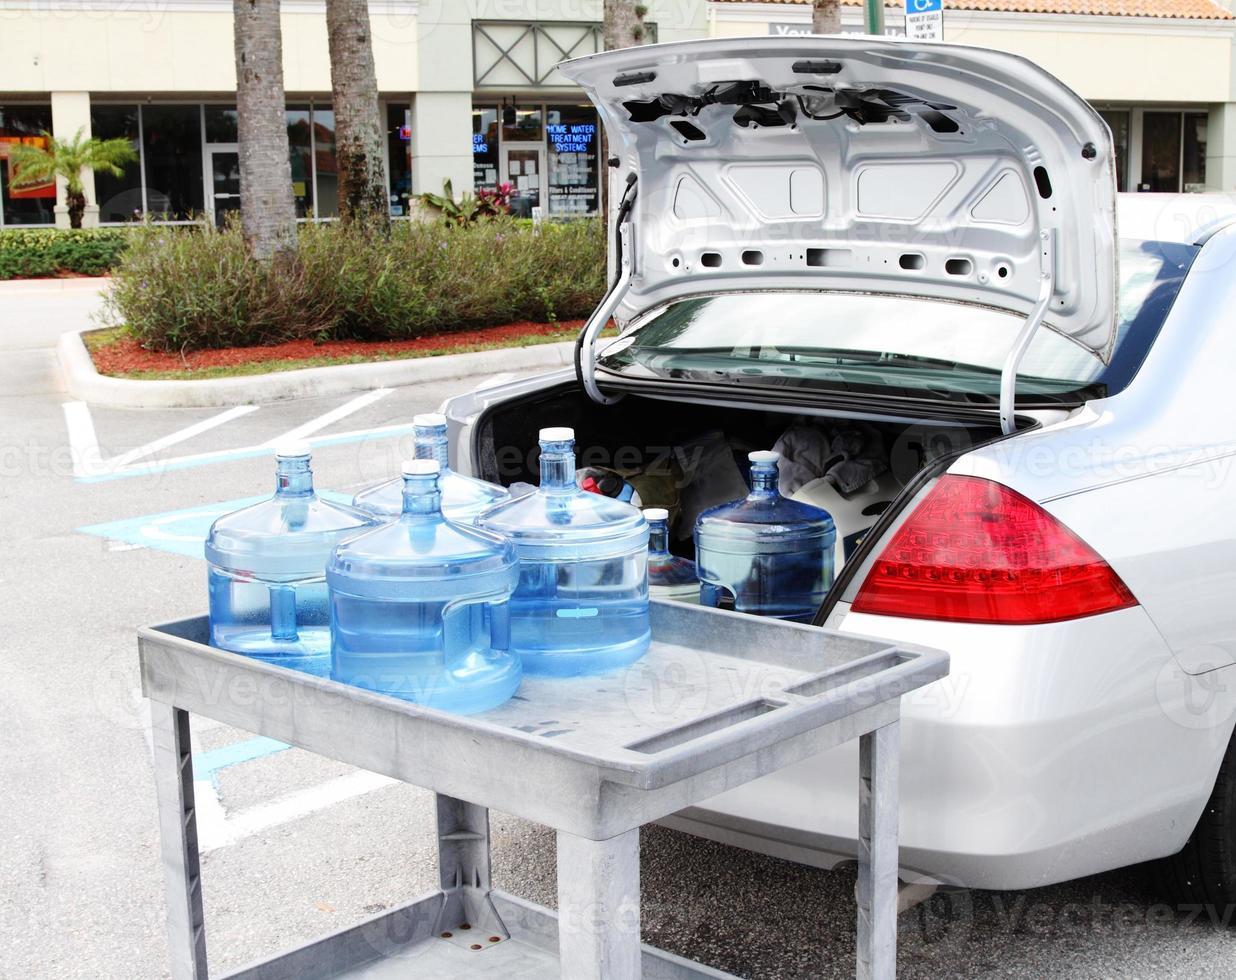 raccogliendo acqua potabile fresca foto